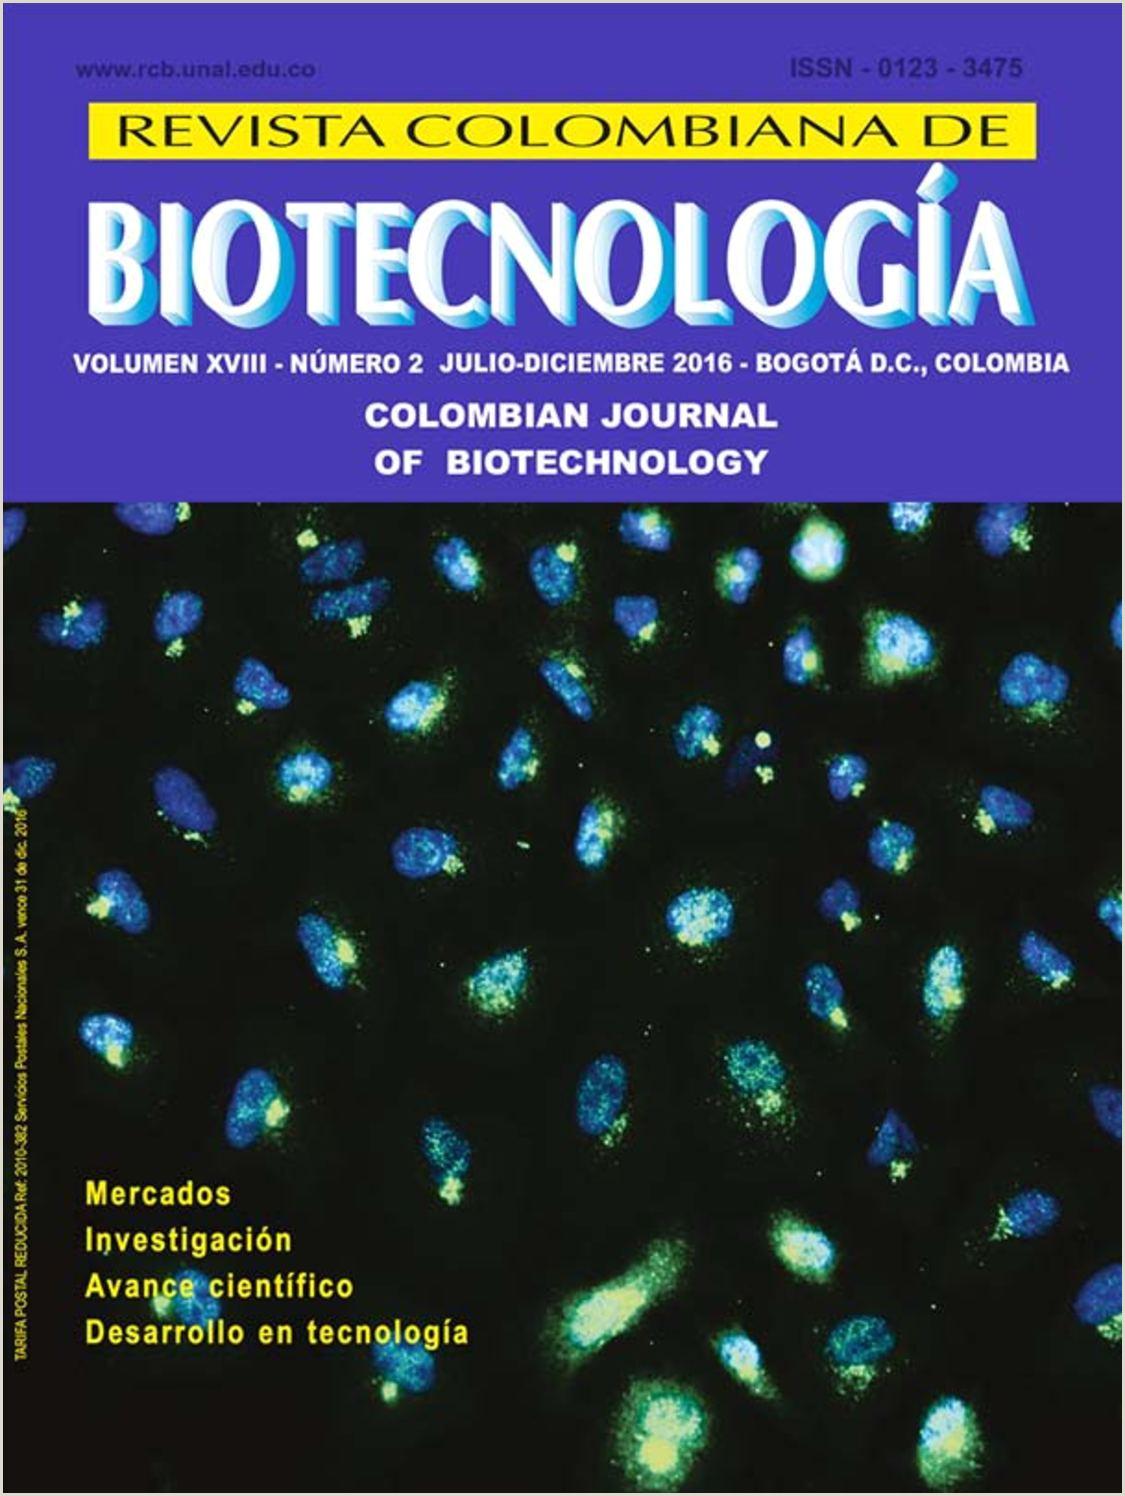 Formato Hoja De Vida Juan De Castellanos Calaméo Rev Colomb Biotecnol Vol 18 2 2016